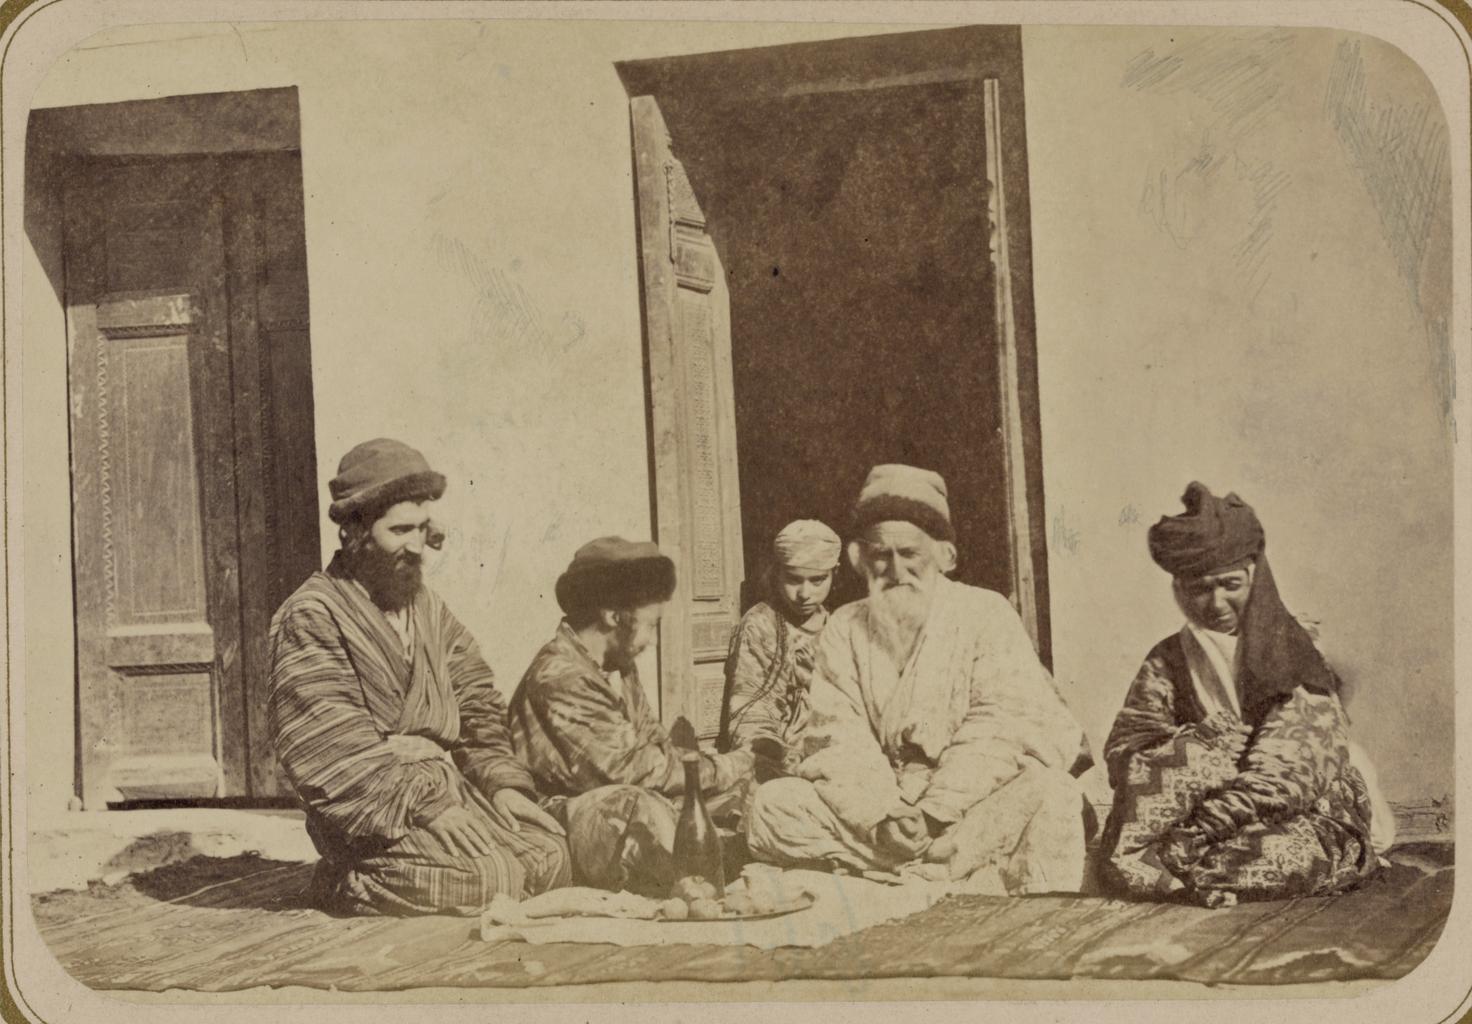 Еврейские свадебные обряды. Встреча невесты, жениха и членов их семей до брака.